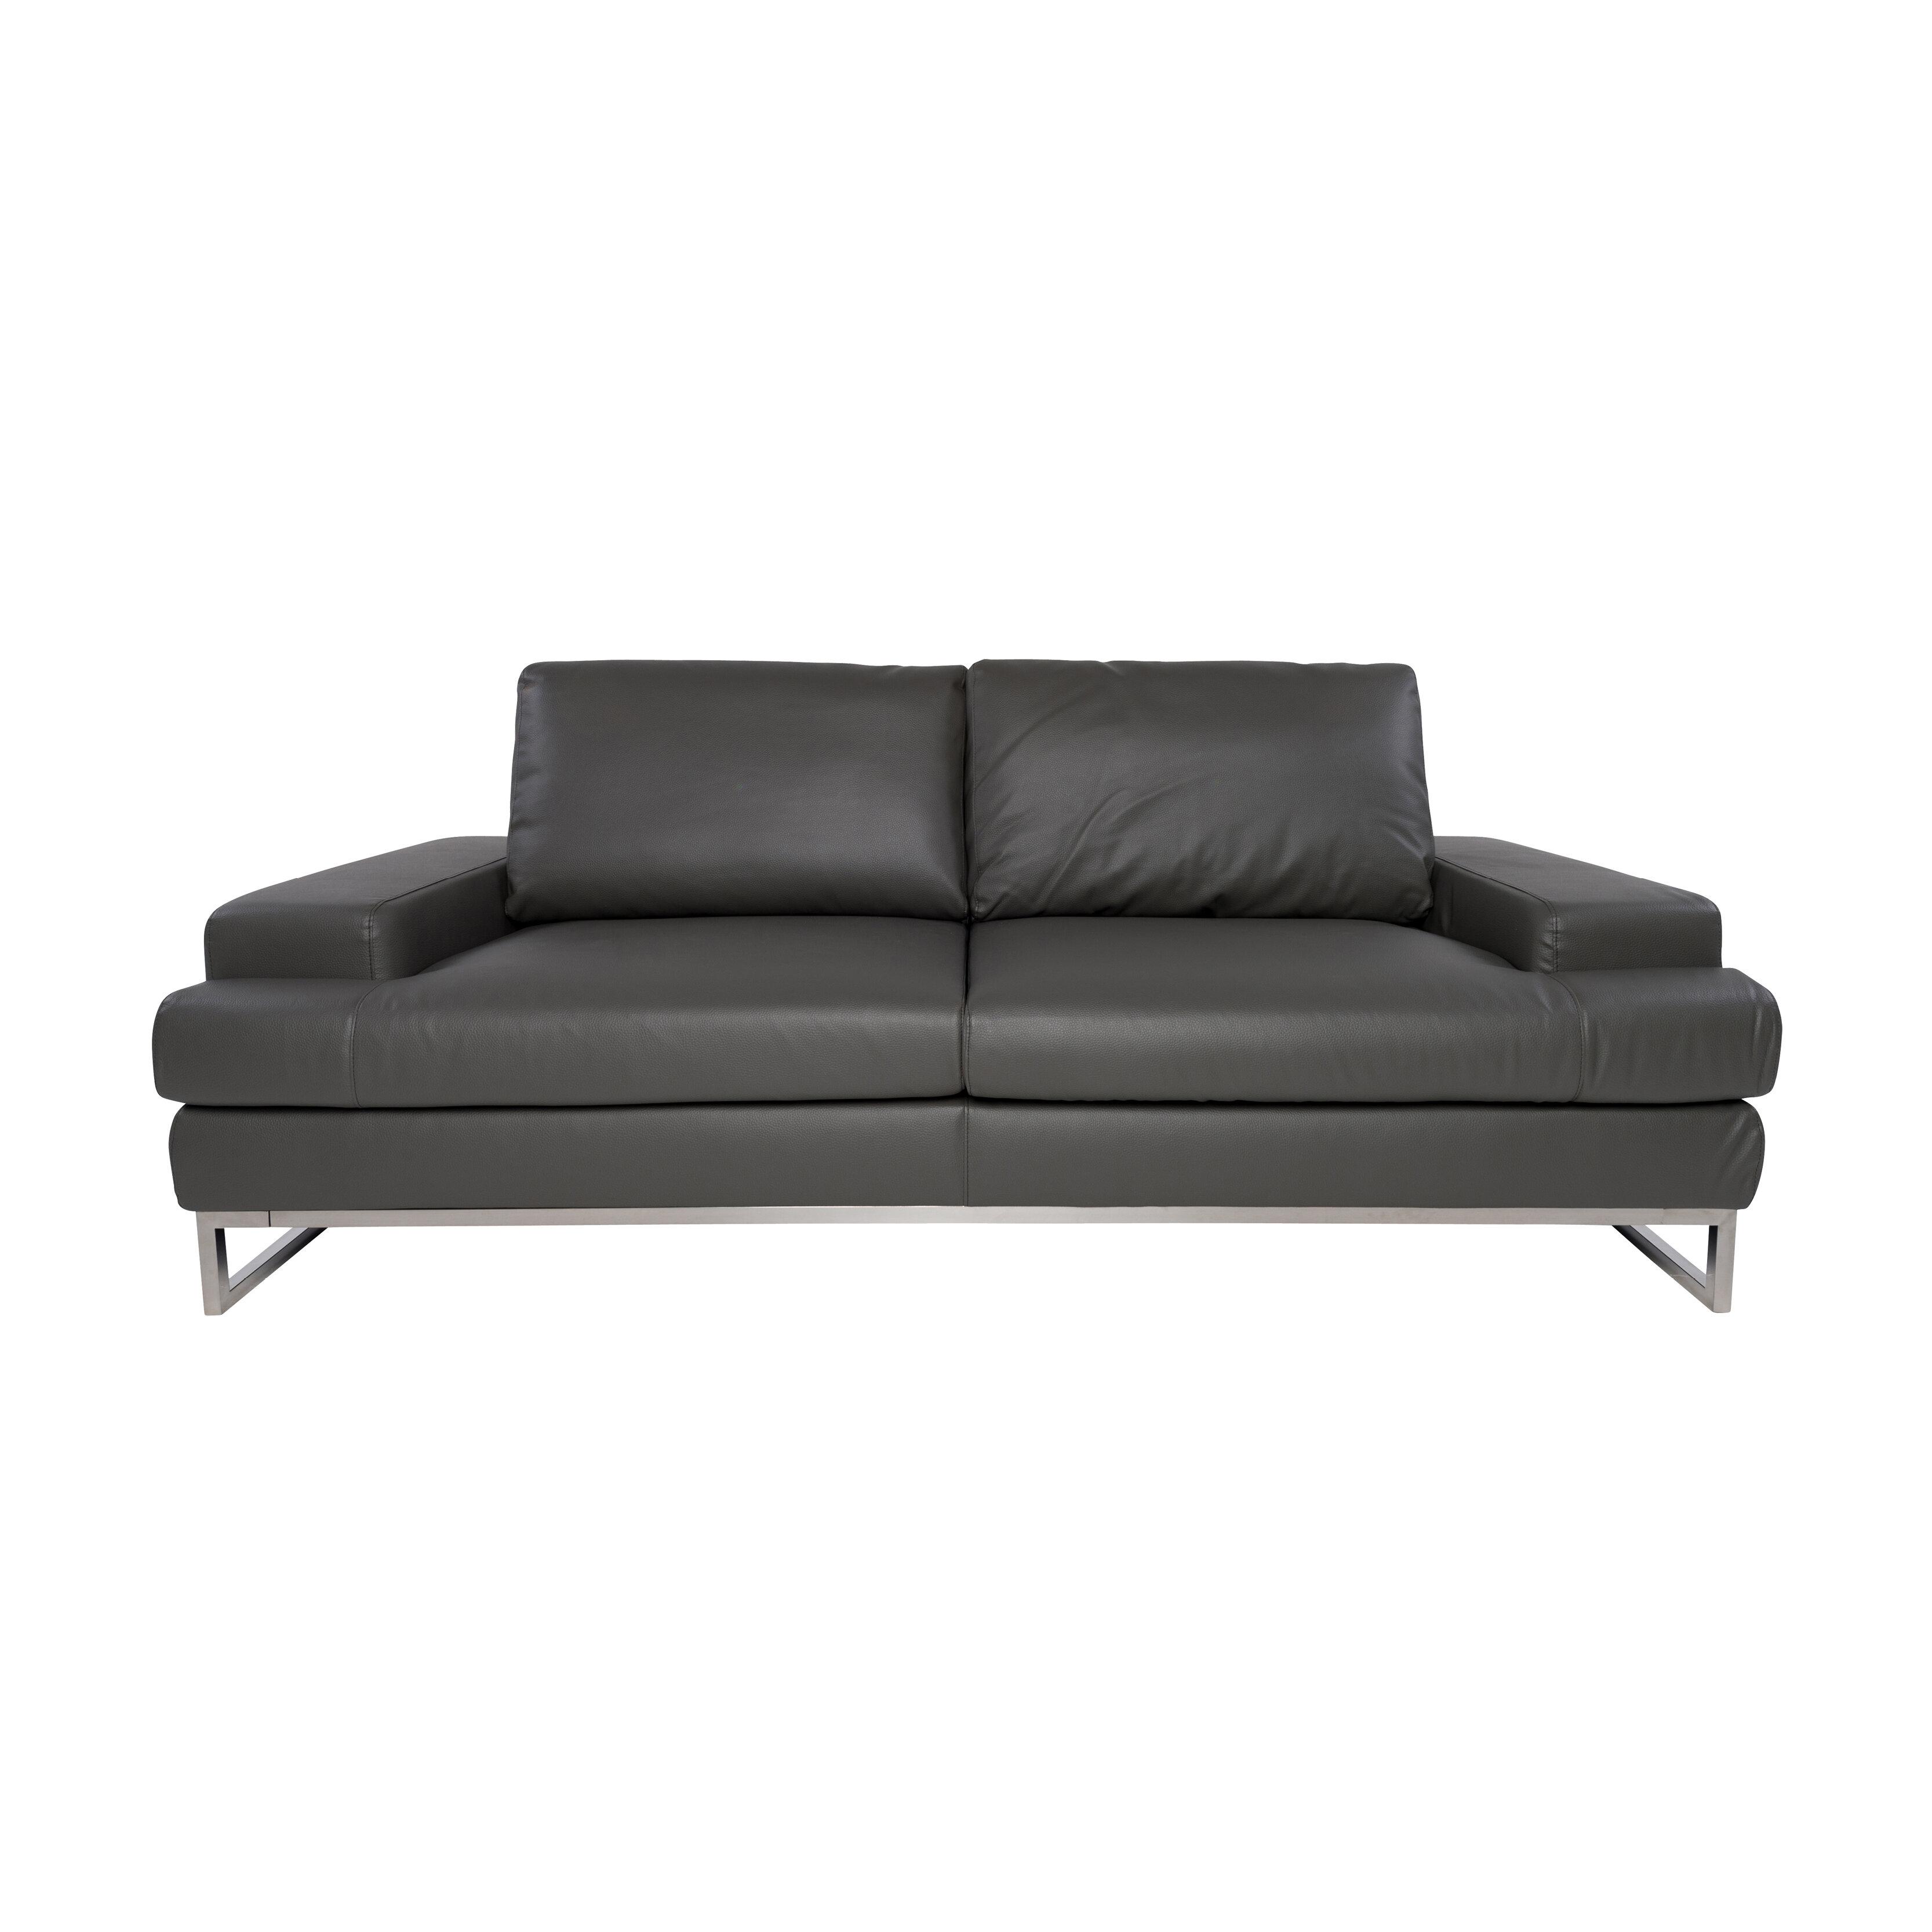 Super Angeline Leather Loveseat Short Links Chair Design For Home Short Linksinfo